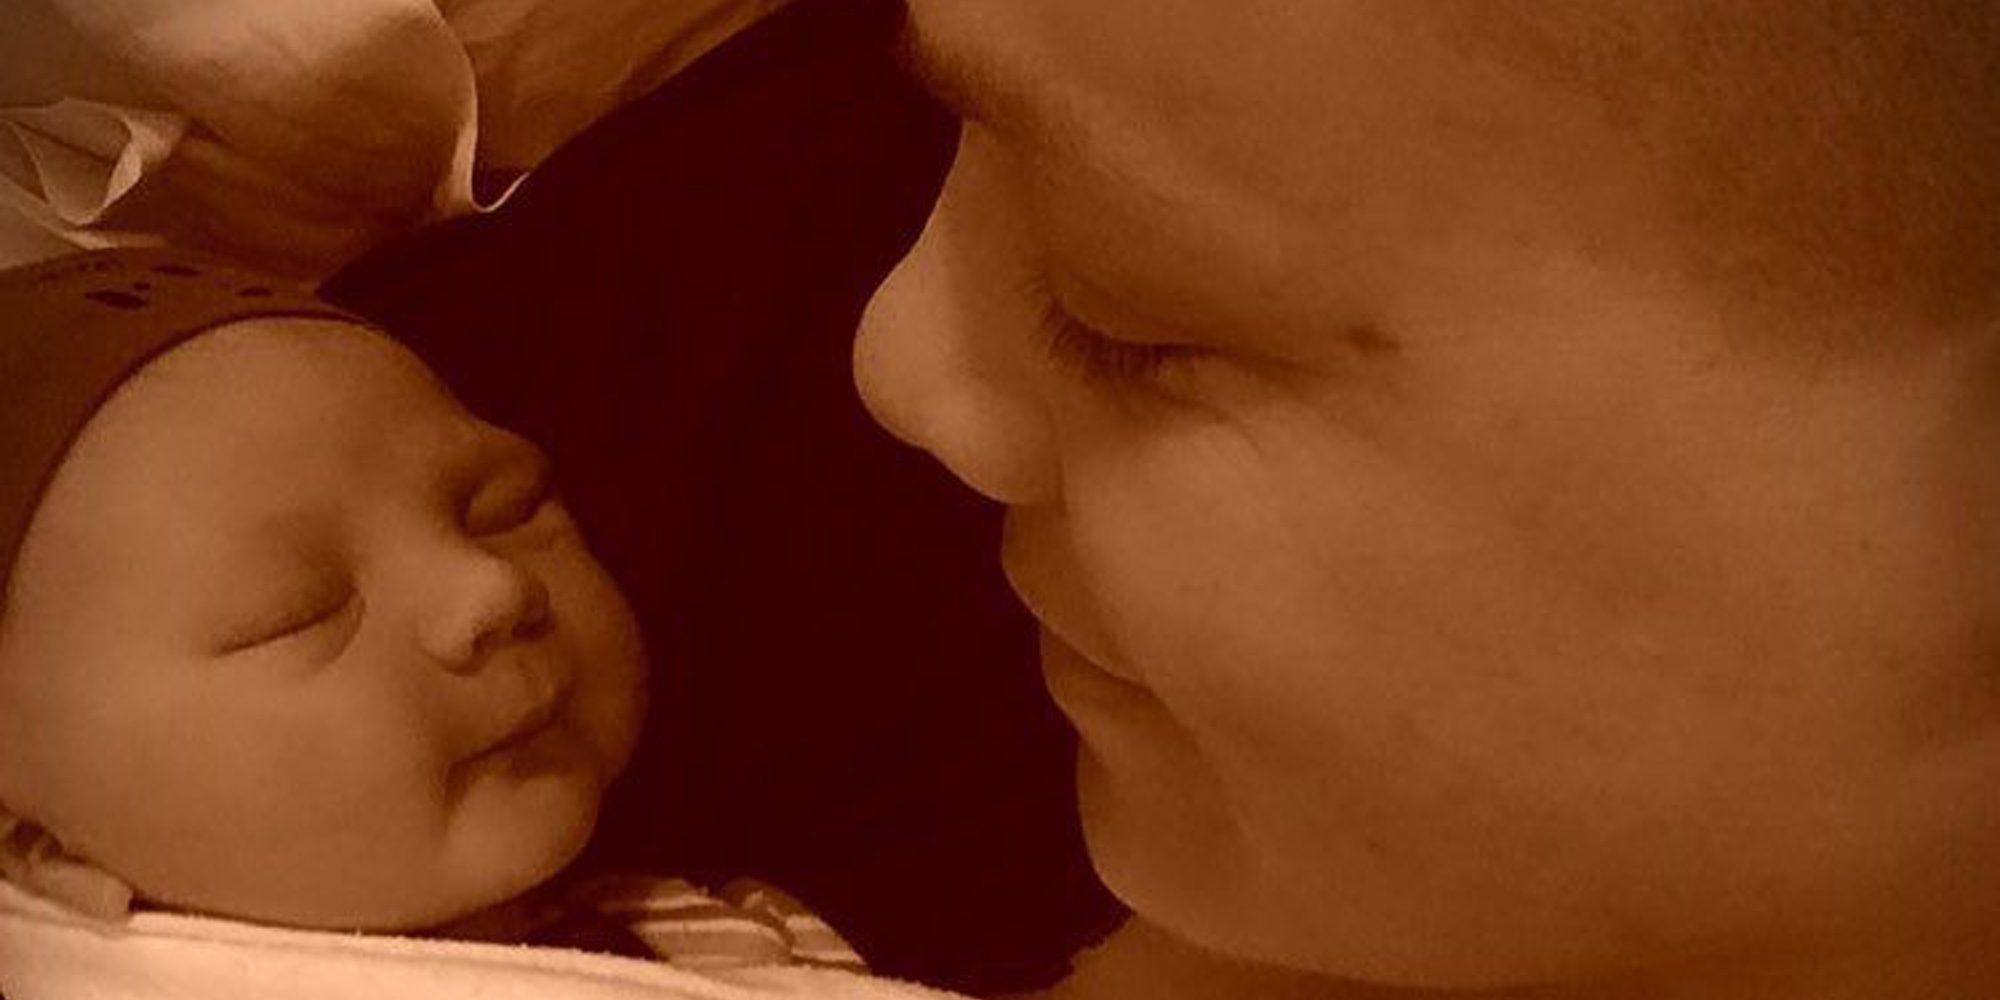 Pink publica una bonita imagen dándole el pecho en público a su hijo mientras pasea